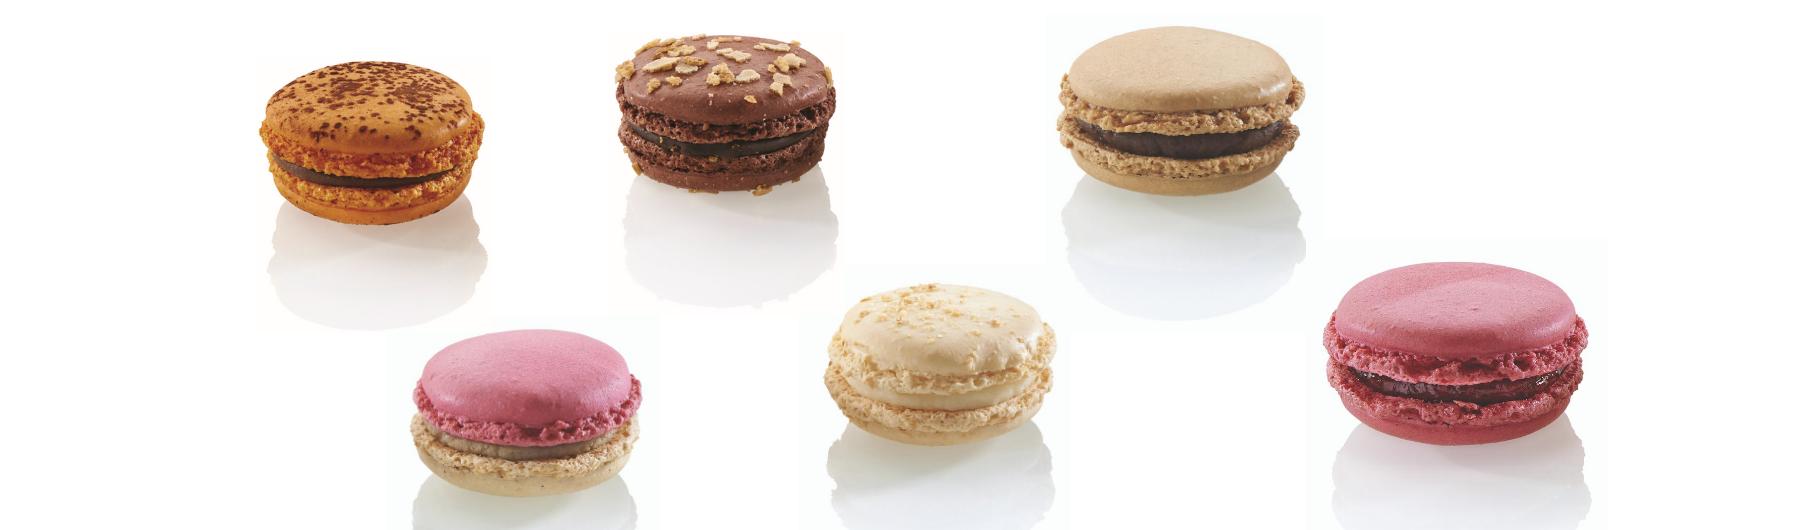 Maison Caffet - Macarons Colorés